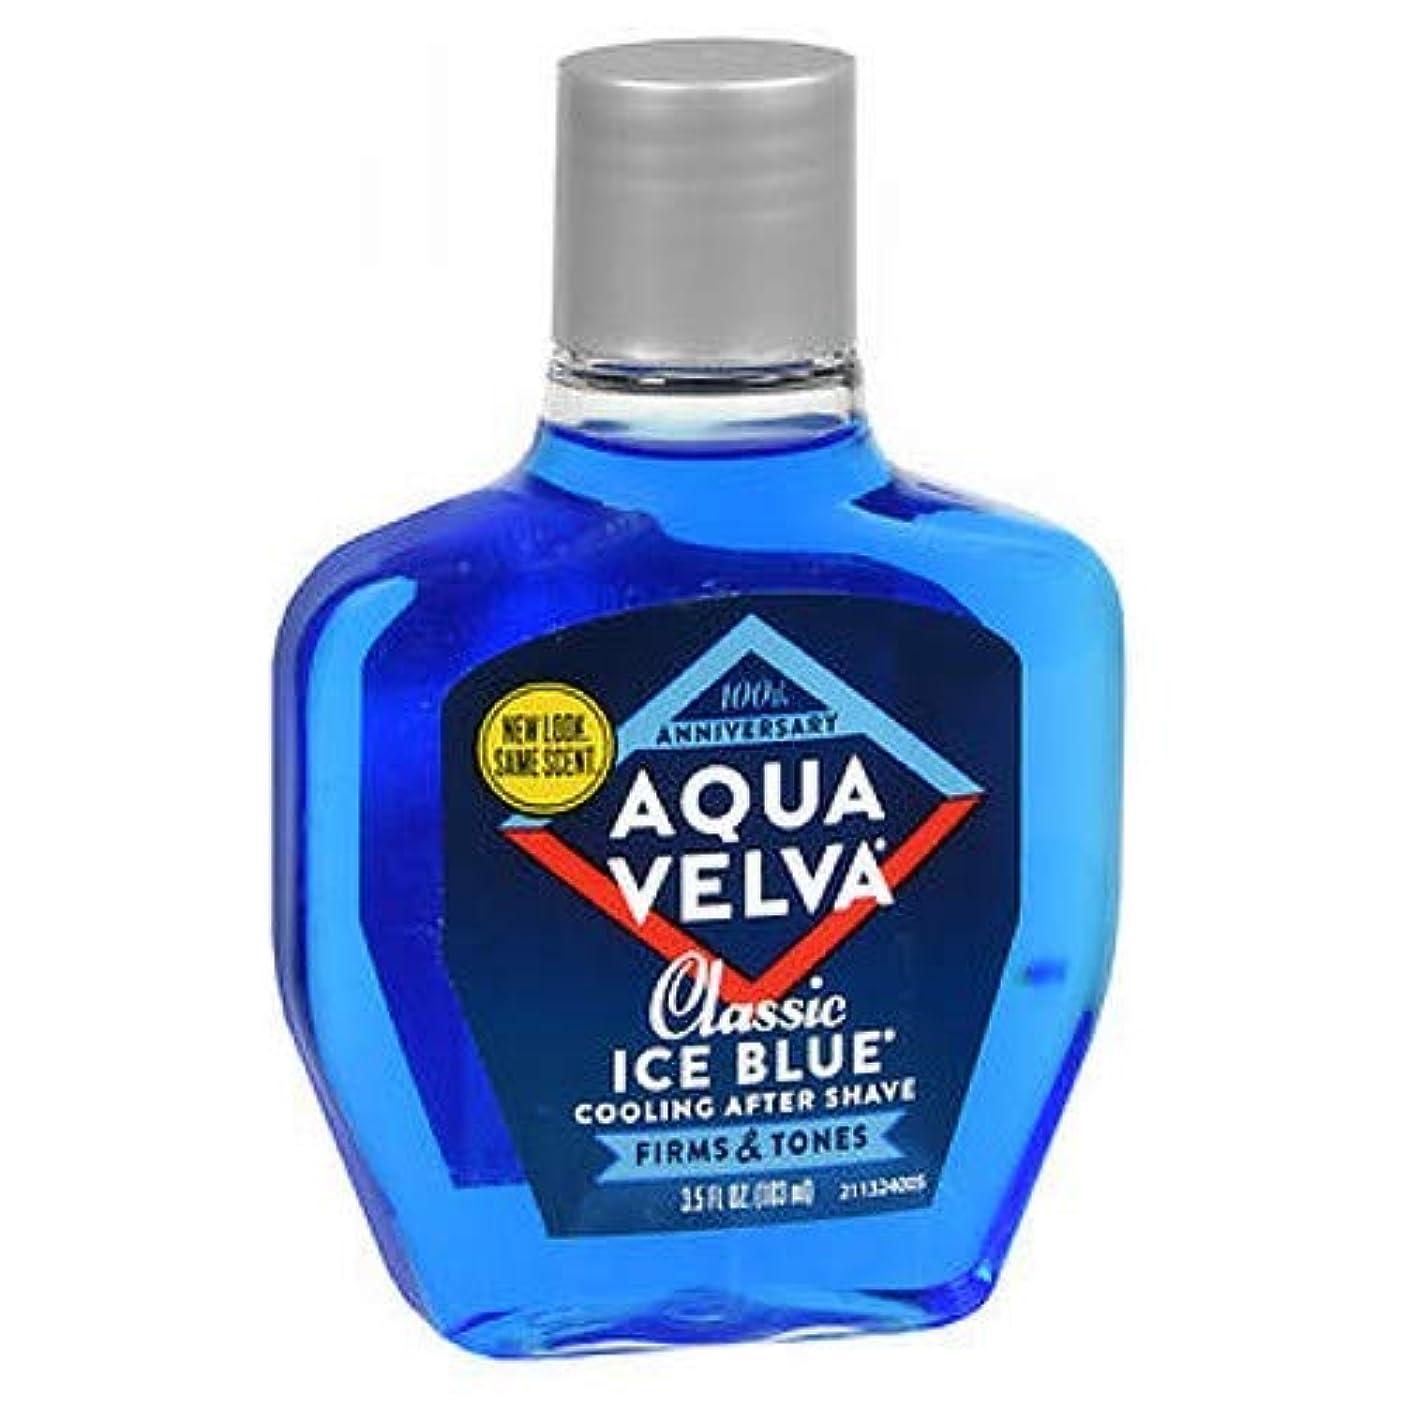 ワット黒板疑いAqua Velva Aqua Velva Classic Ice Blue Cooling After Shave, 3.5 oz (Pack of 3) by Aqua Velva